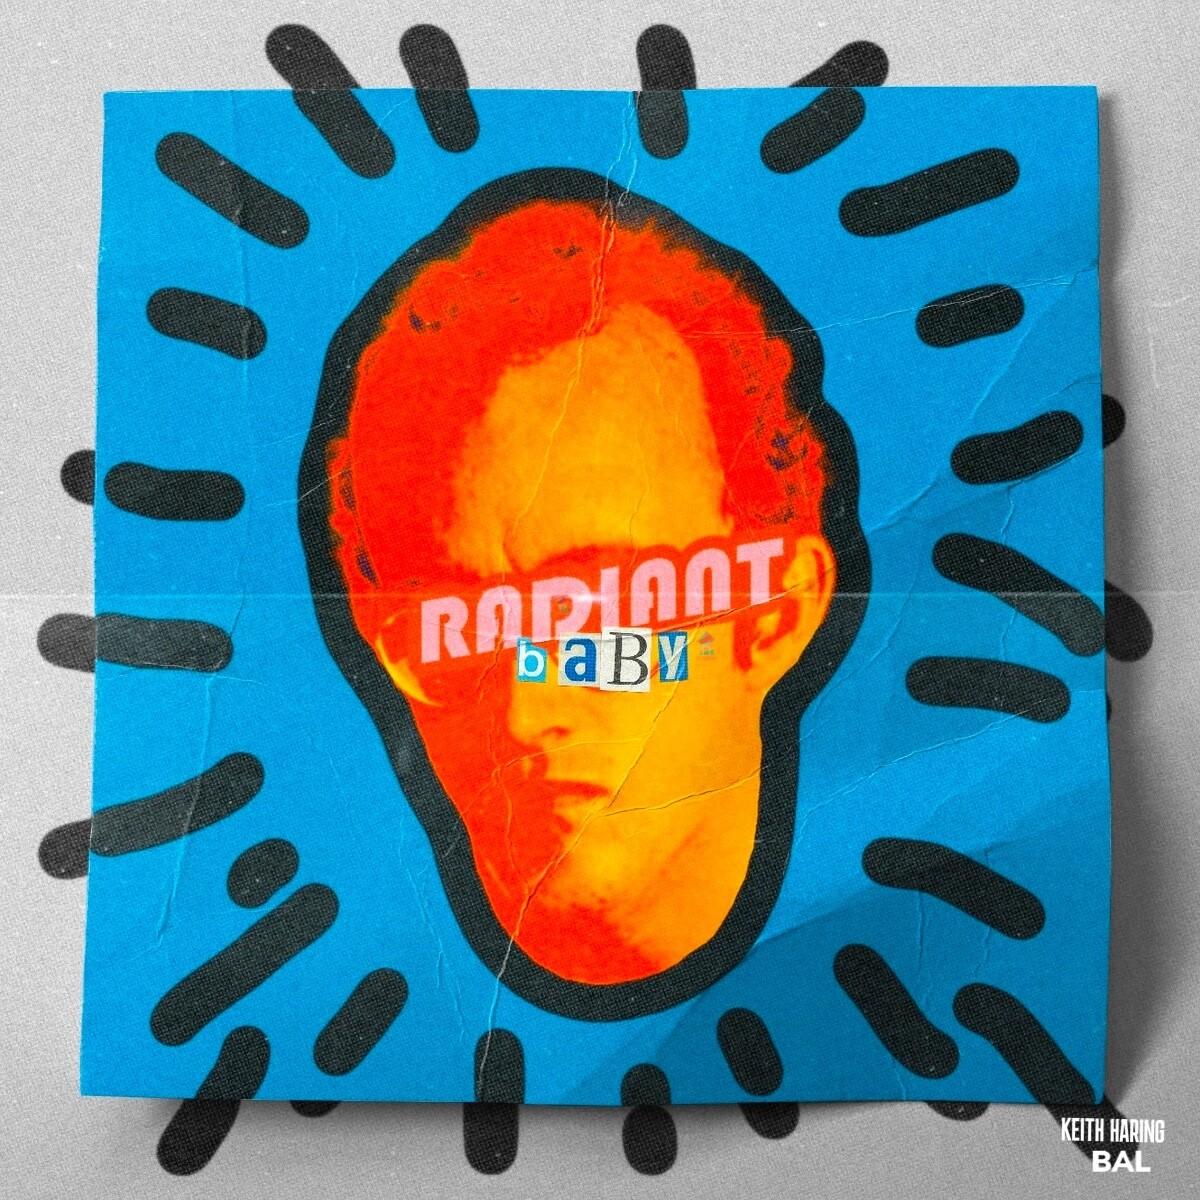 Radiant Baby